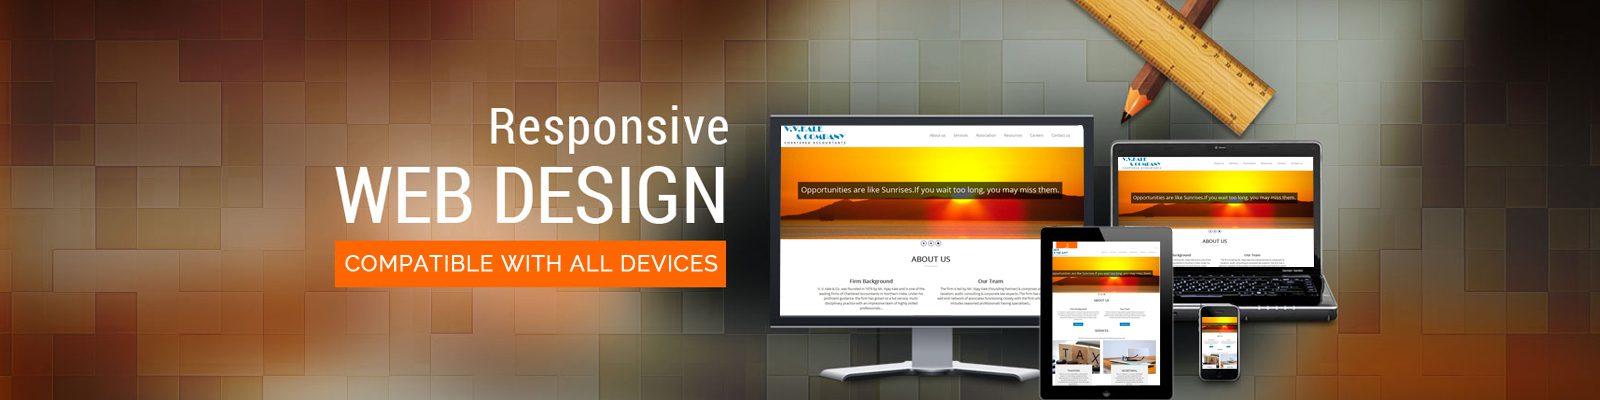 responsie-web-design